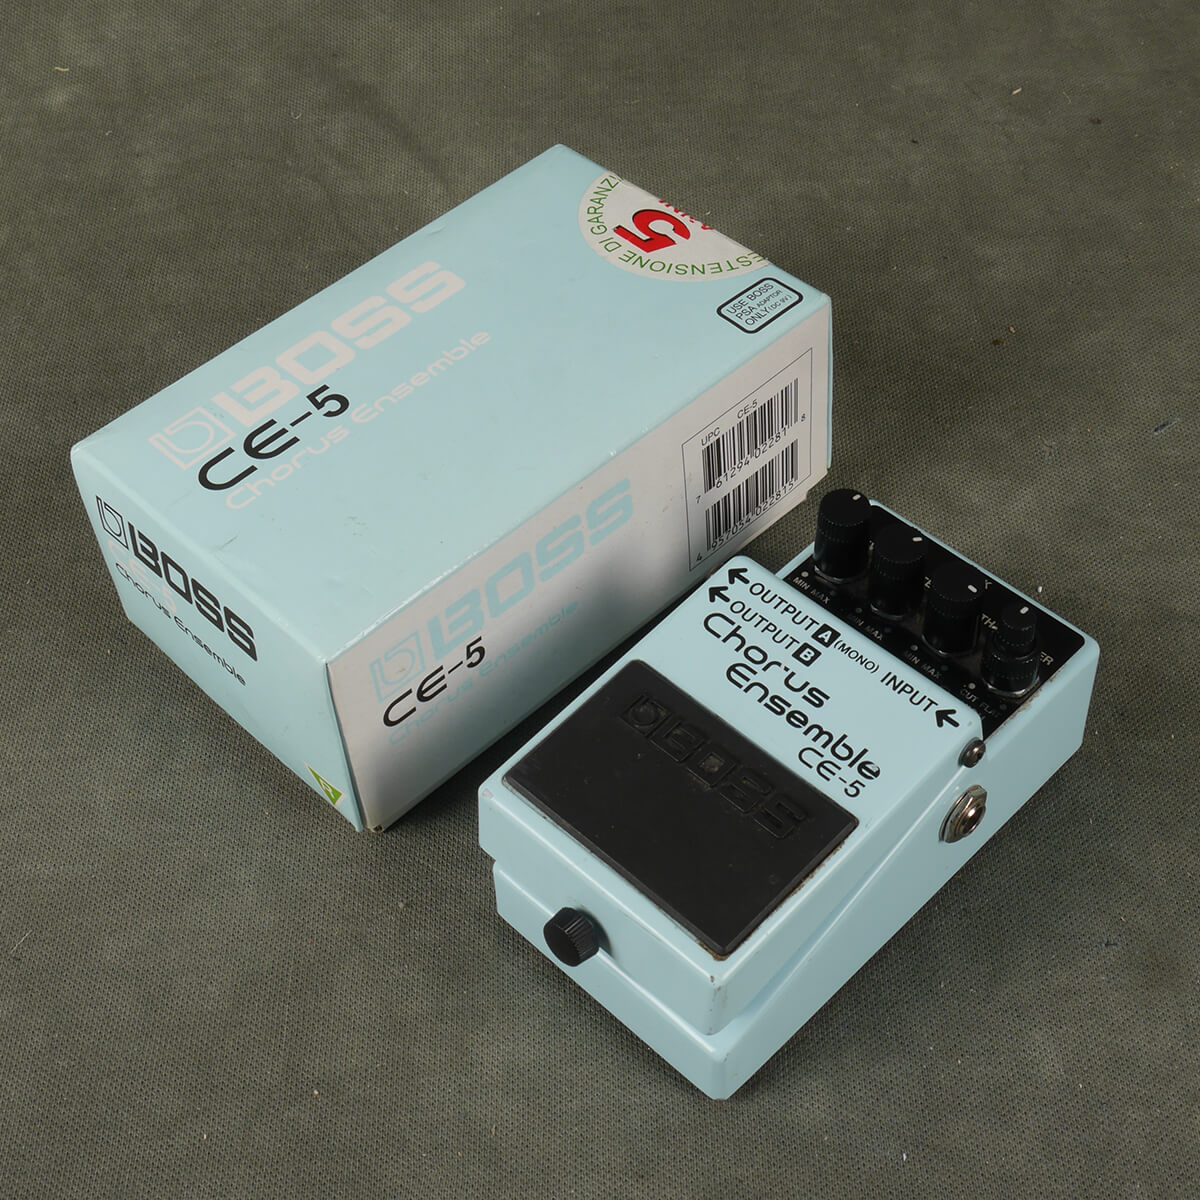 Boss CE-5 Chorus Ensemble FX Pedal w/Box - 2nd Hand